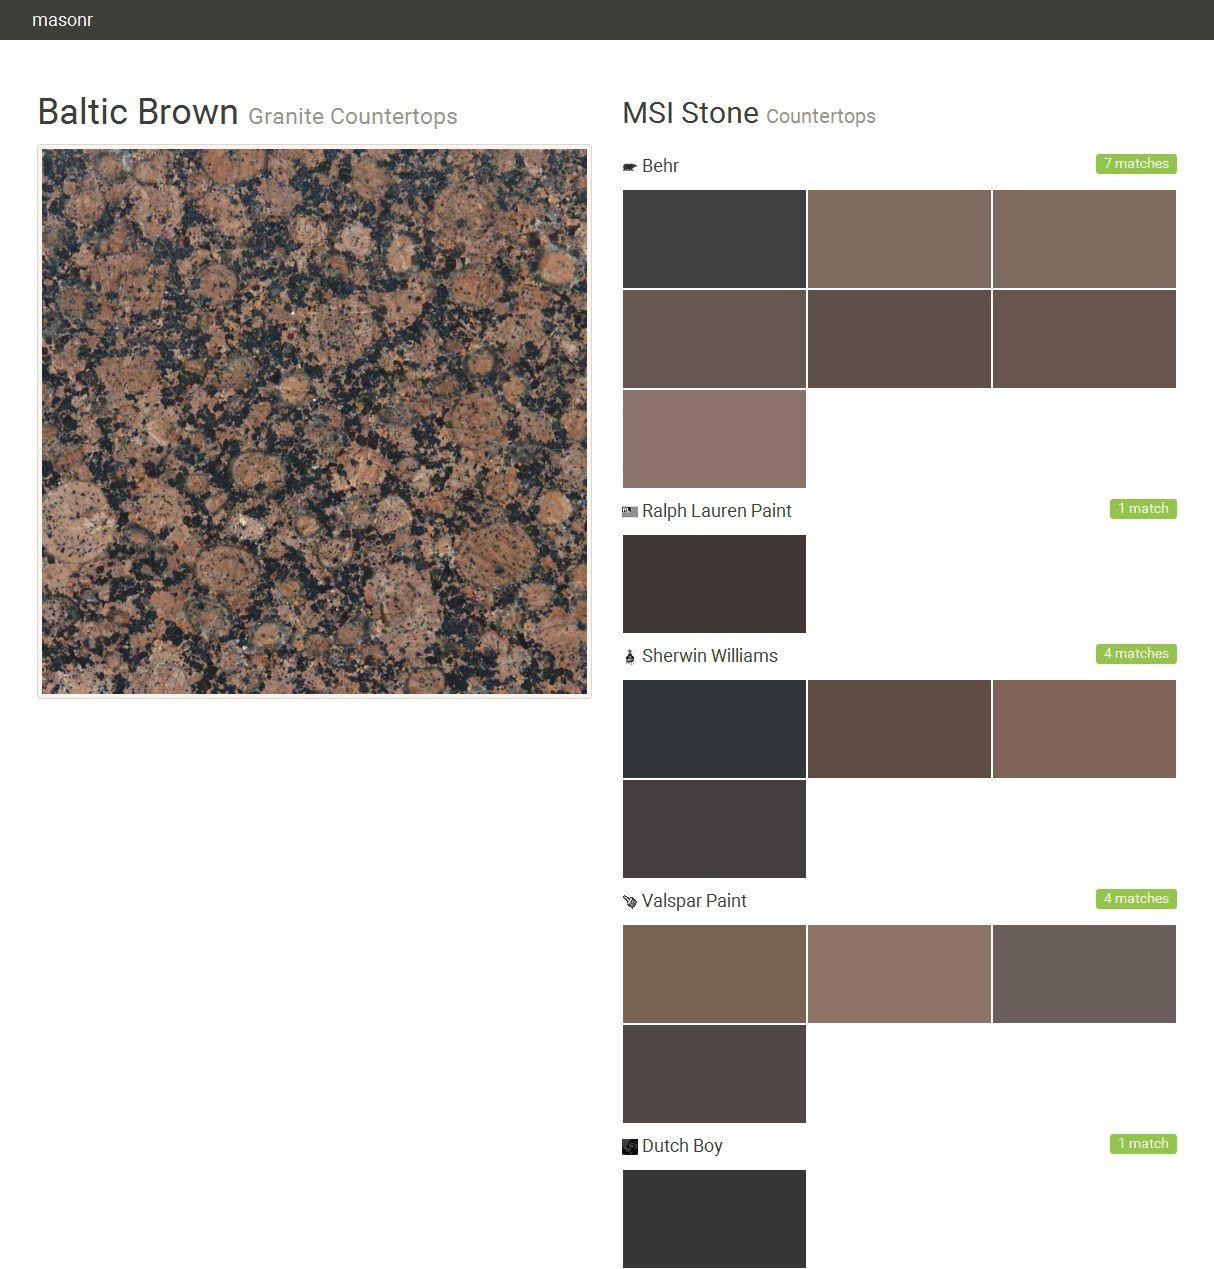 Baltic brown granite countertops countertops msi stone for Tan brown paint colors